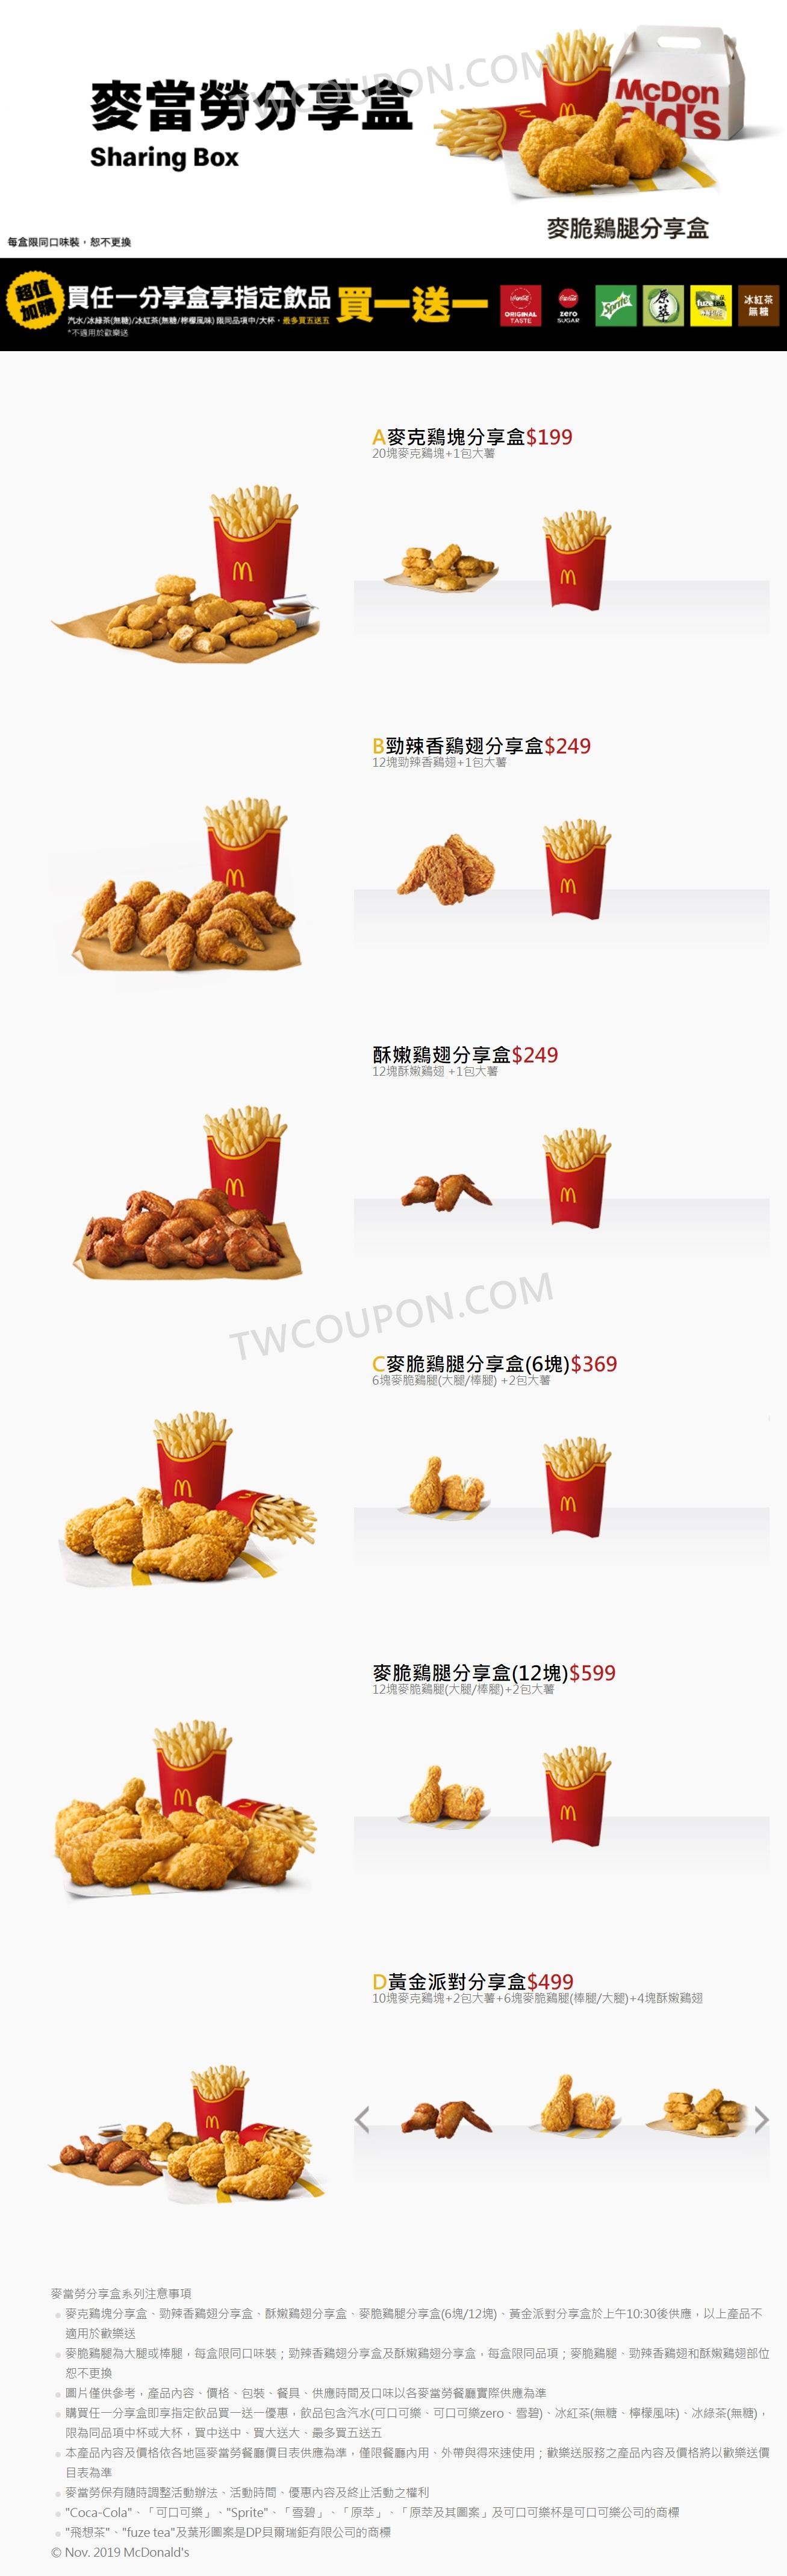 麥當勞快樂一起拚,麥當勞快樂分享餐